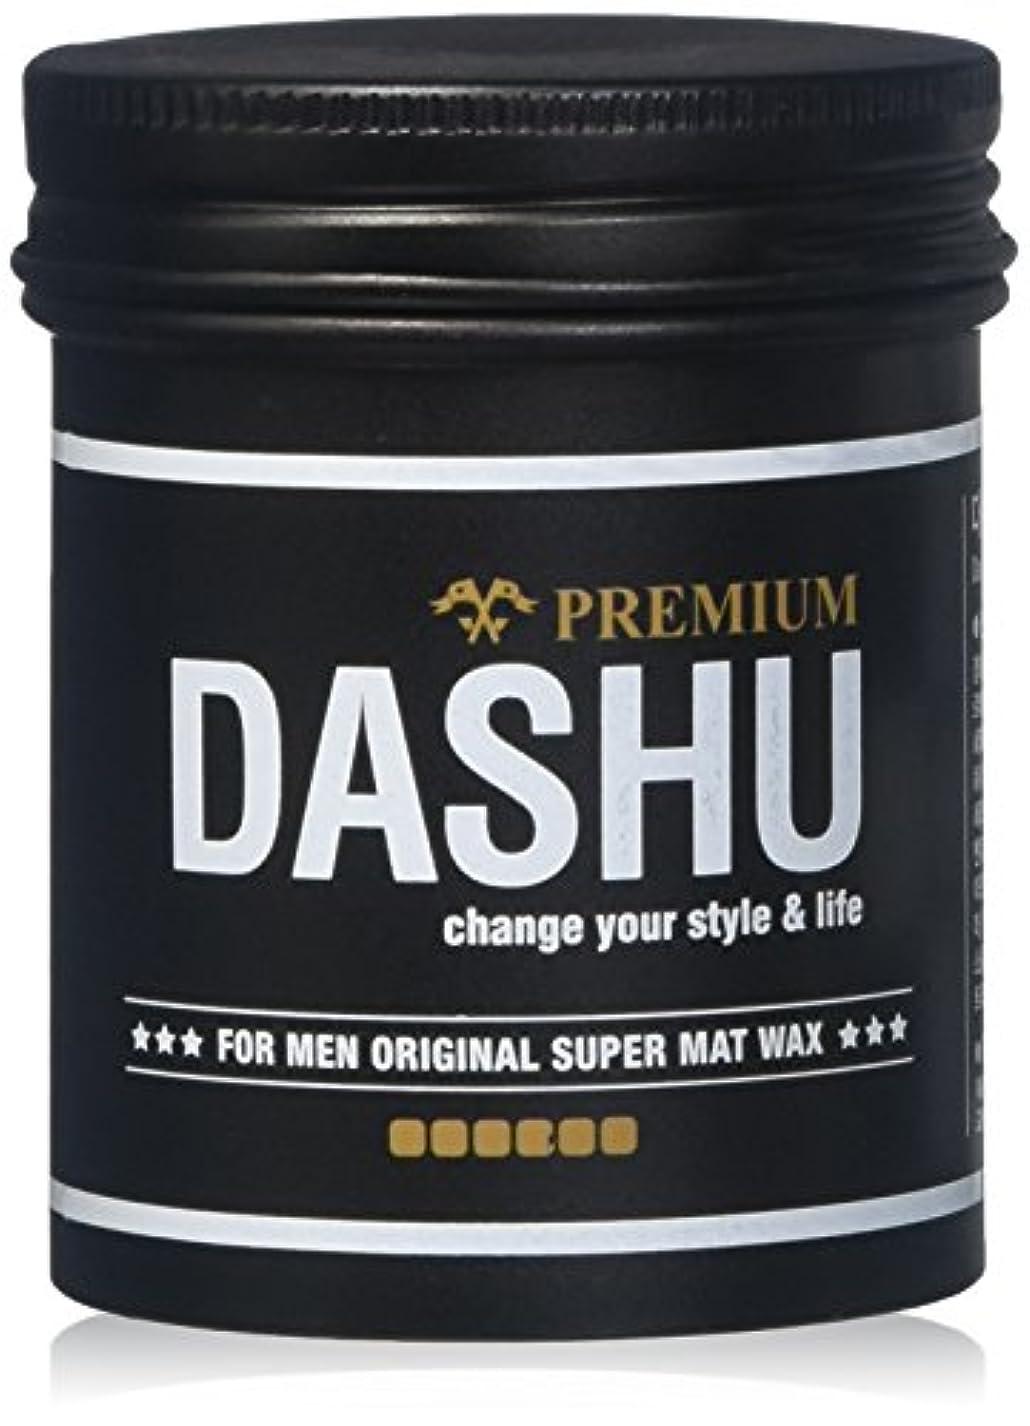 有限スペシャリスト輸送[DASHU] ダシュ For Men男性用 オリジナルプレミアムスーパーマットワックス Original Premium Super Mat Wax 100ml / 韓国製 . 韓国直送品